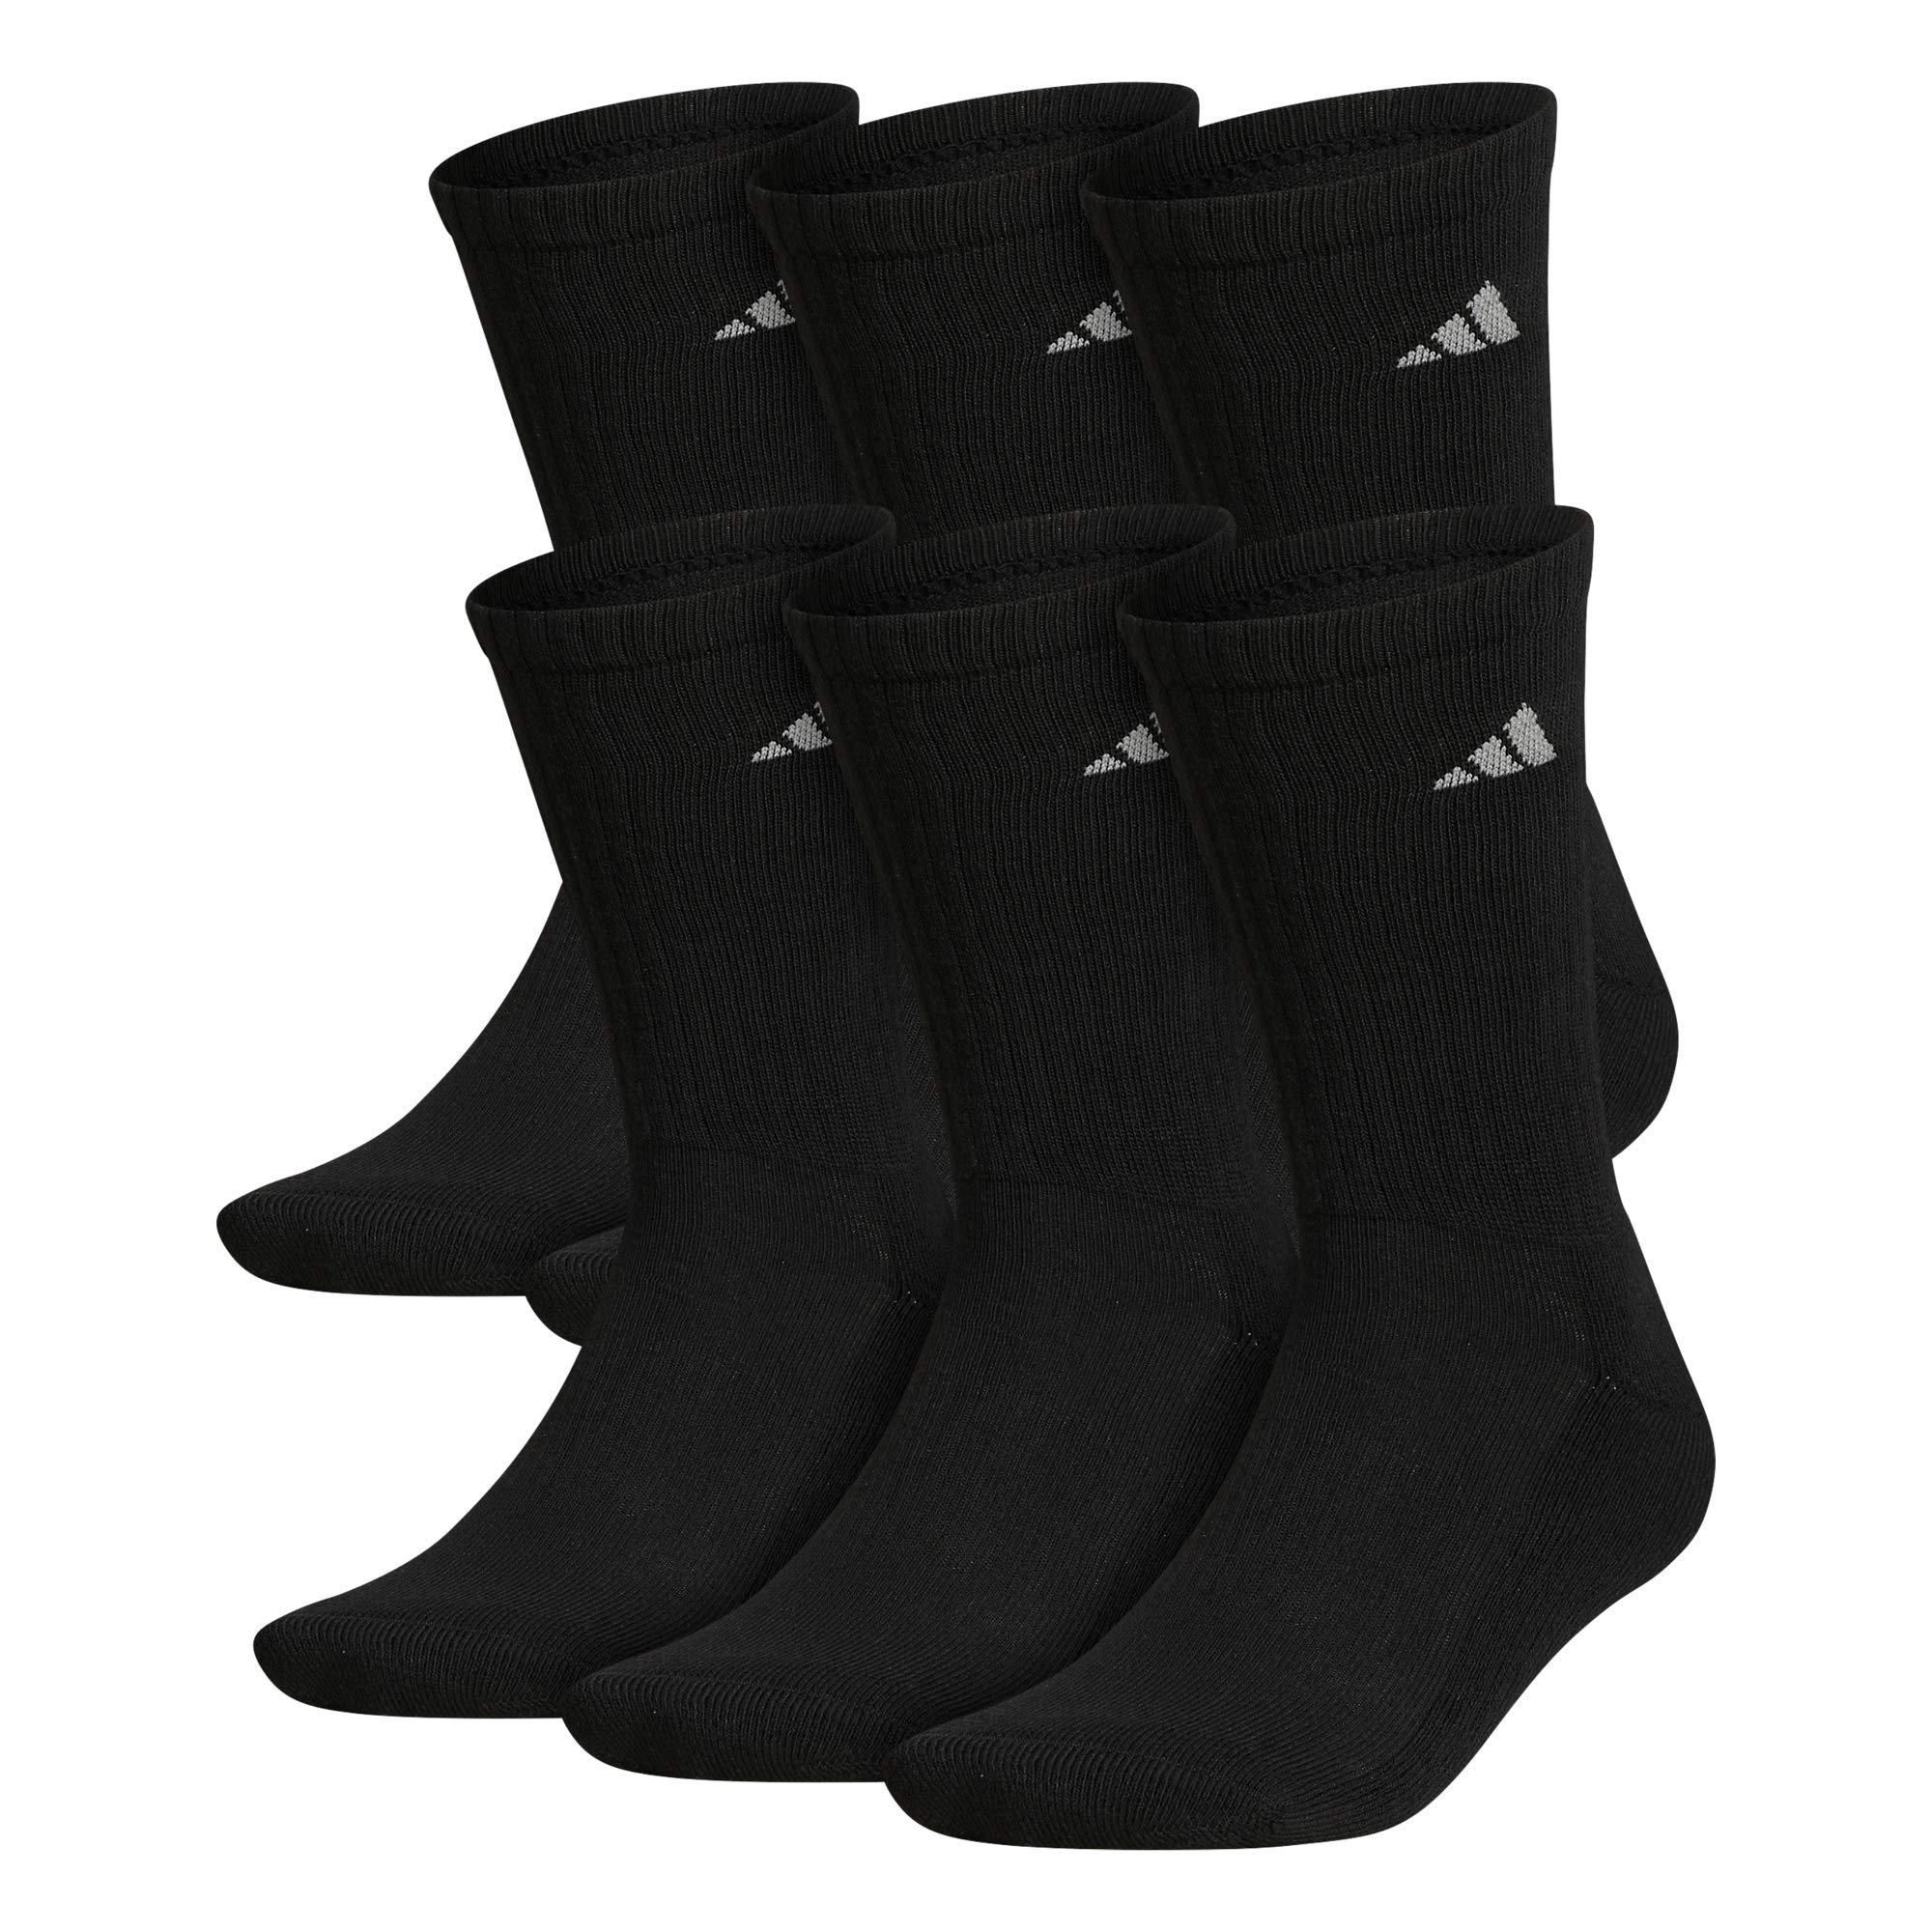 adidas Men's Athletic Cushioned Crew Socks (6-Pair)